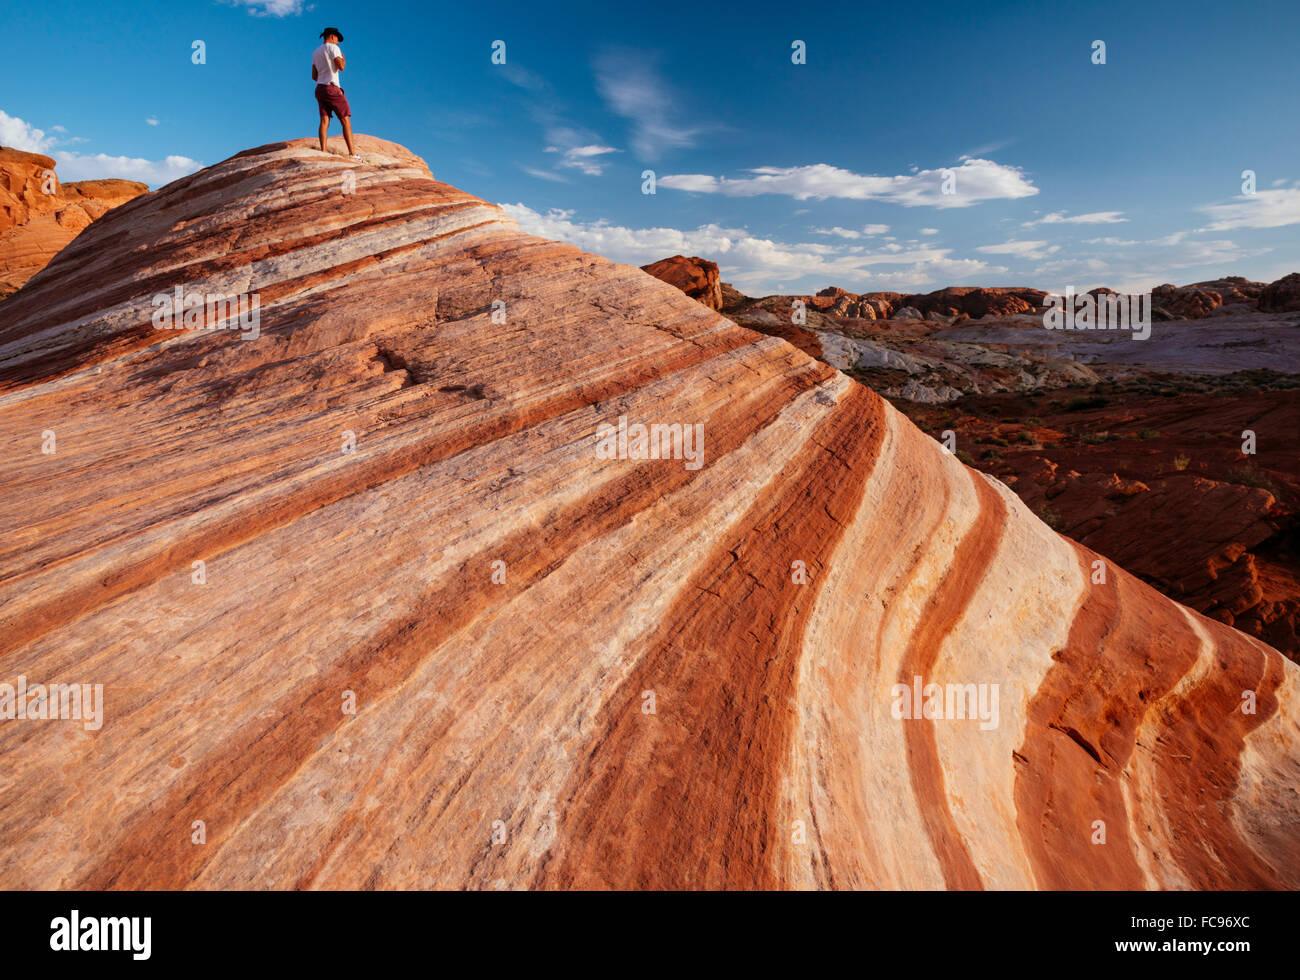 La vague de Feu, Vallée de Feu Park, Nevada, États-Unis d'Amérique, Amérique du Nord Banque D'Images